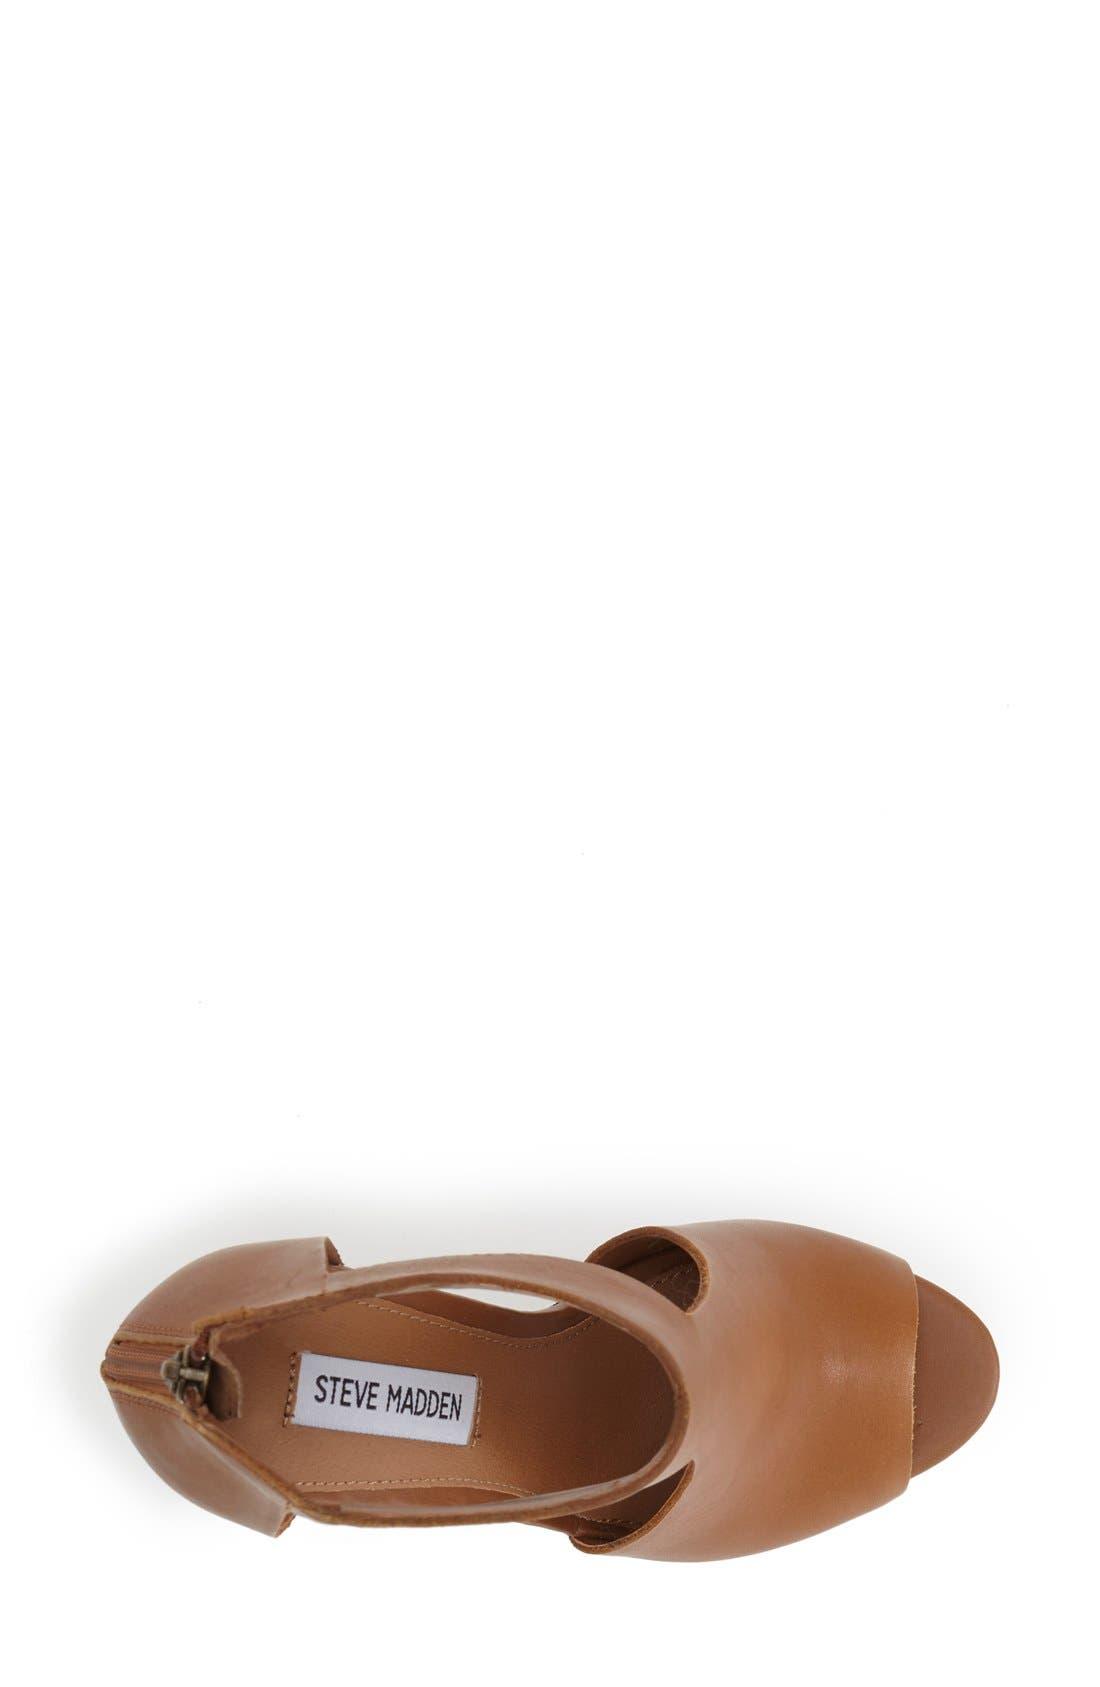 Alternate Image 3  - Steve Madden 'Gunnther' Platform Wedge Sandal (Women)